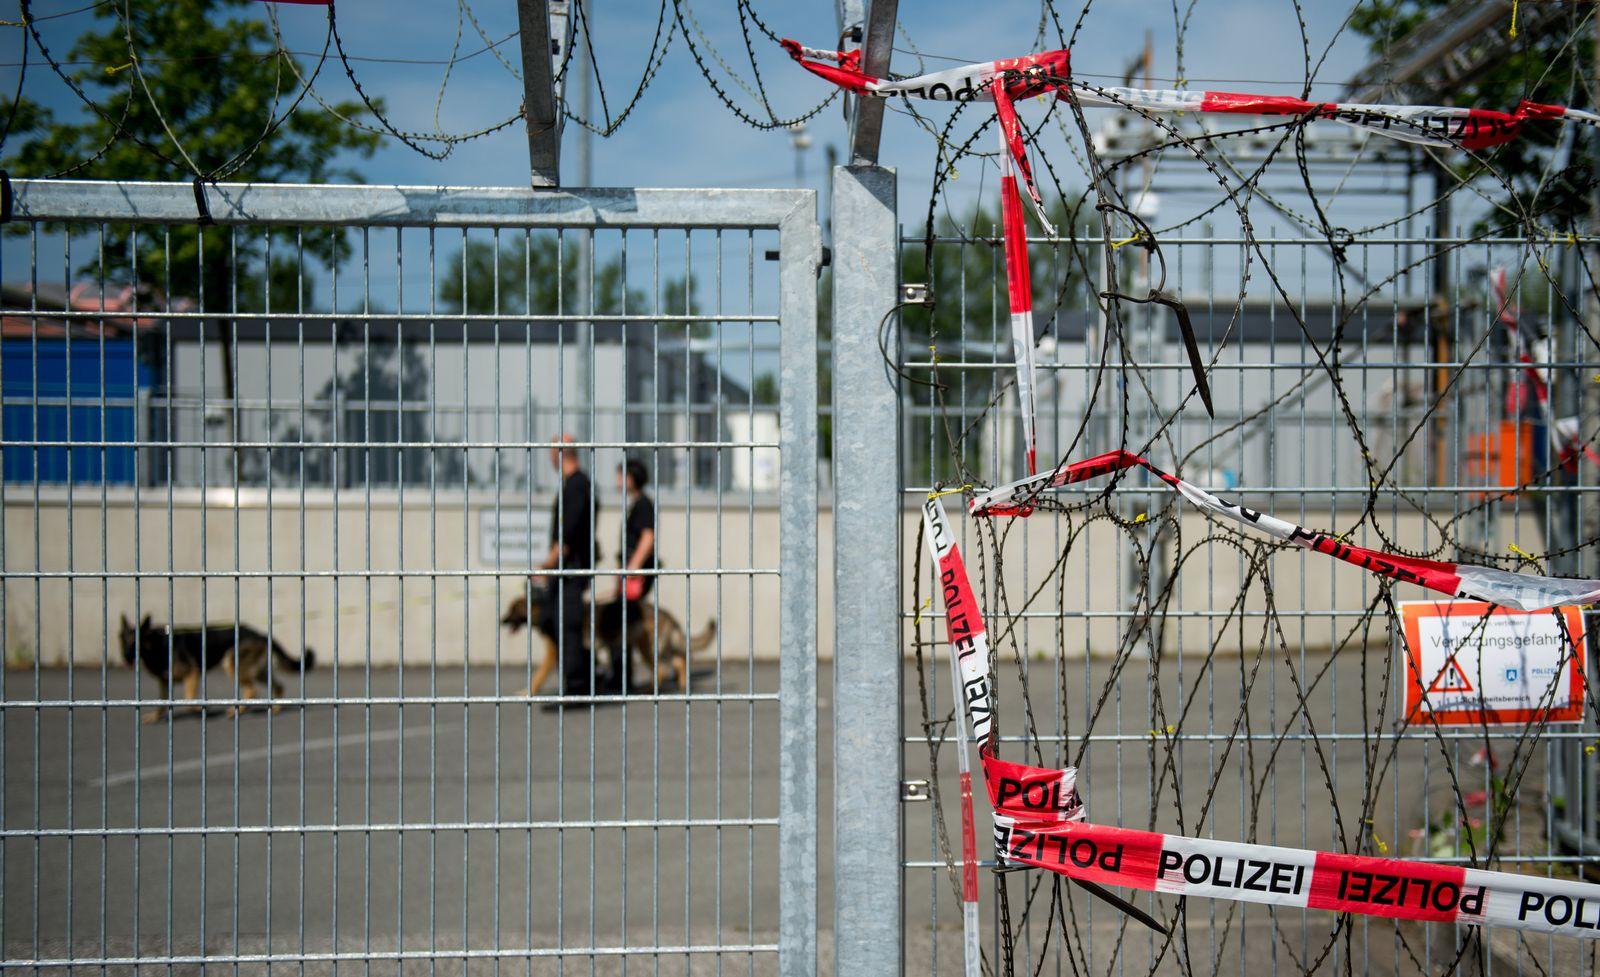 Gefangenensammelstelle Harburg G20 Gipfel